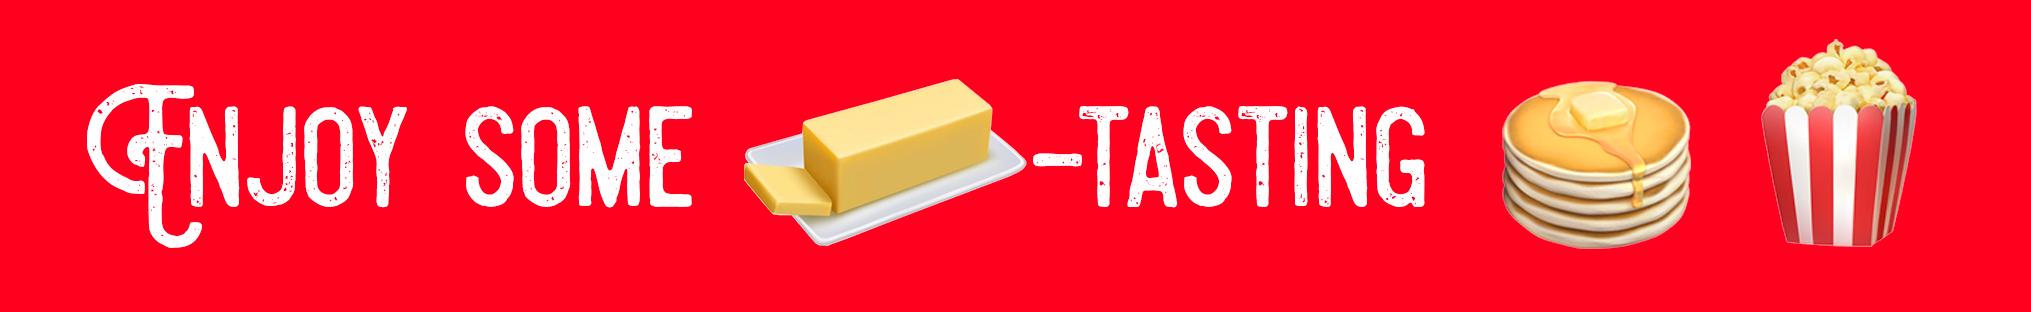 Enjoy Some (Butter Emoji) Tasting (Pancake Emoji)